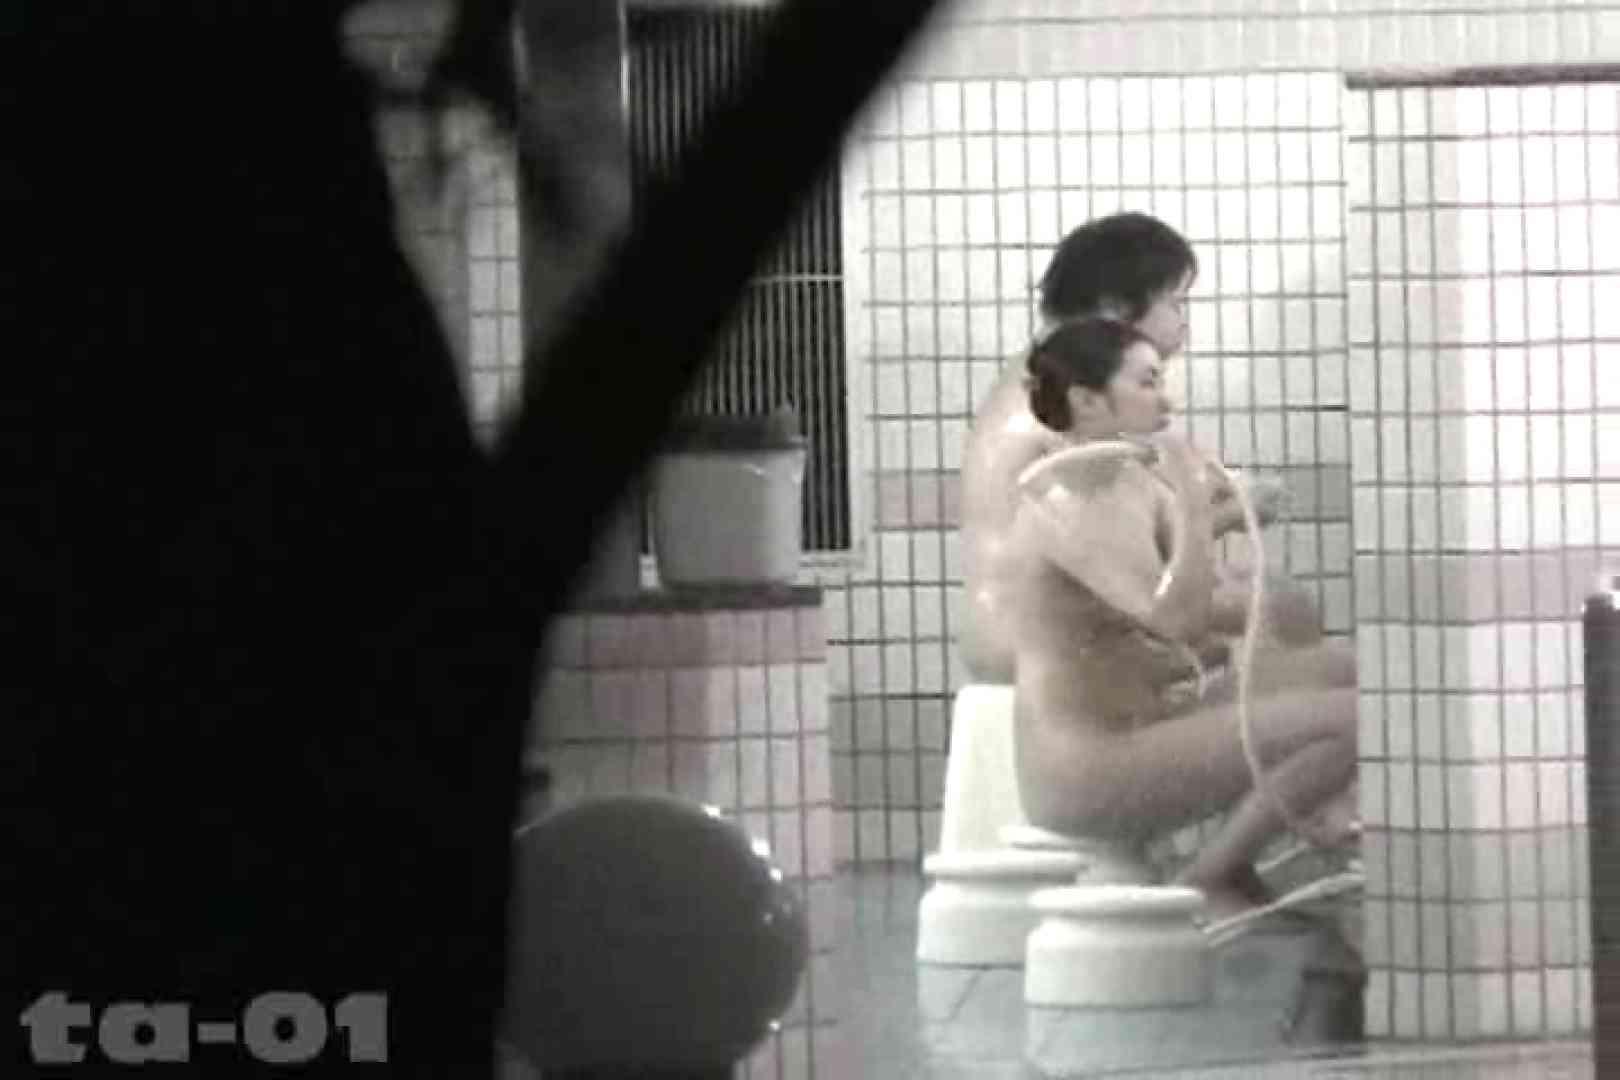 合宿ホテル女風呂盗撮高画質版 Vol.01 OLの実態 覗きおまんこ画像 91pic 26